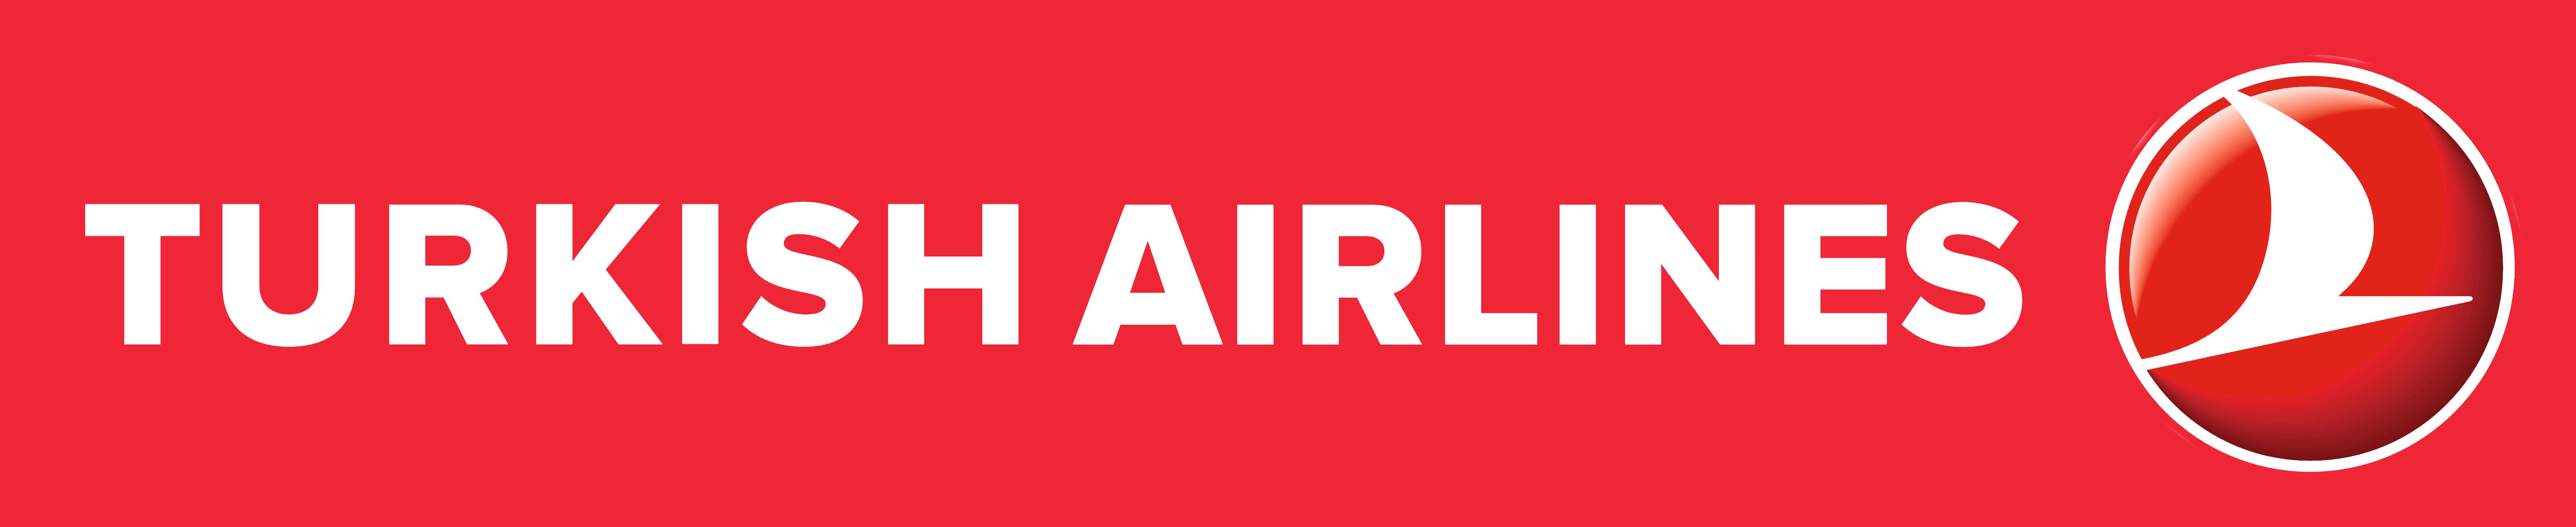 Turkish airlines Logos.